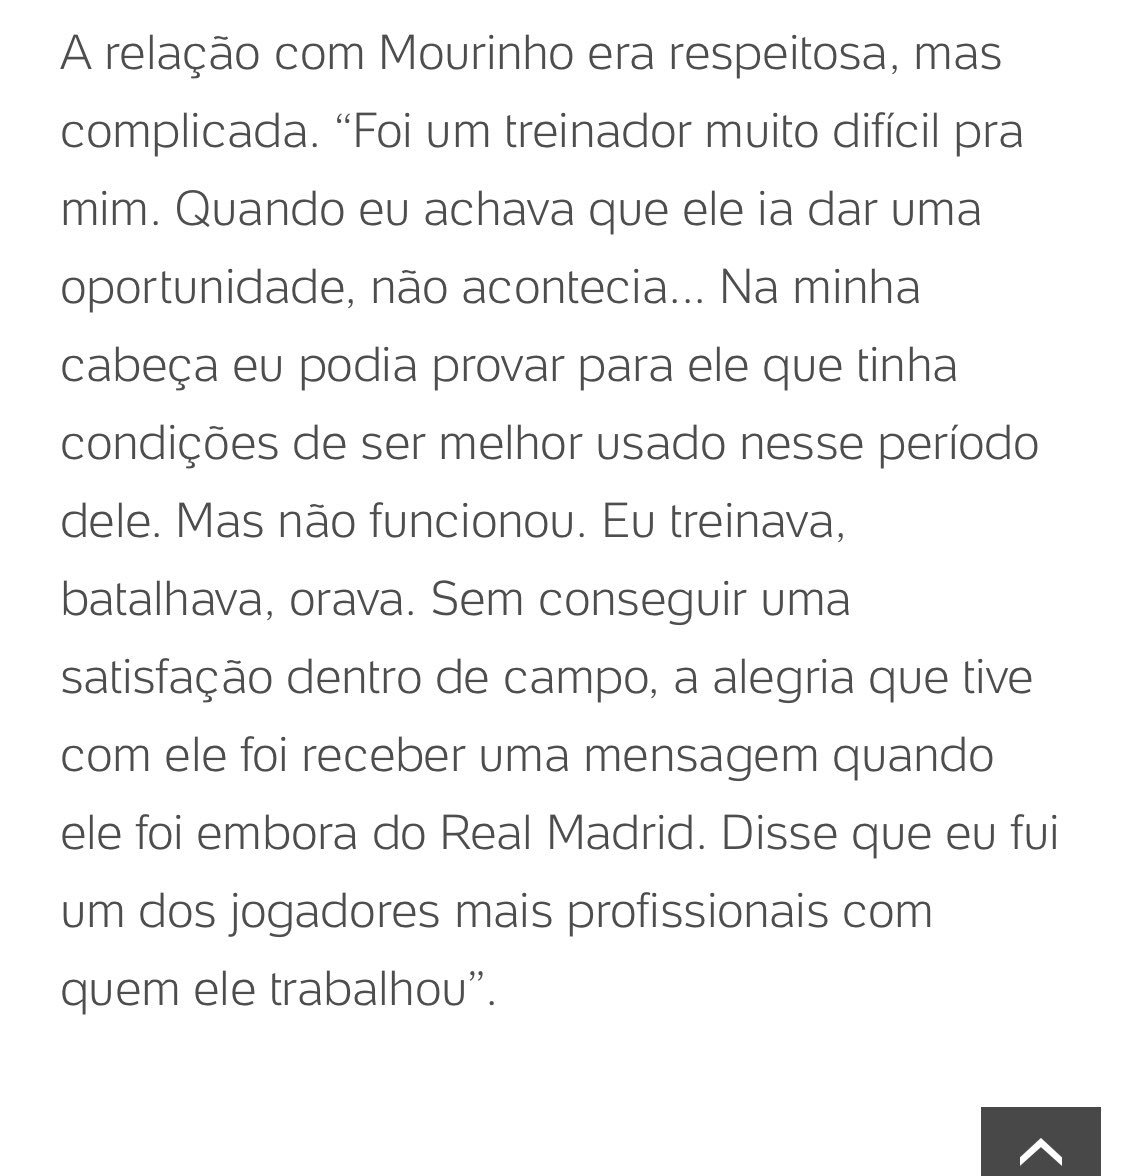 @diarioas se necesitas ayuda con la língua portuguesa puedes pedir ayuda. Gracias! https://t.co/5WdvxZ7YTA